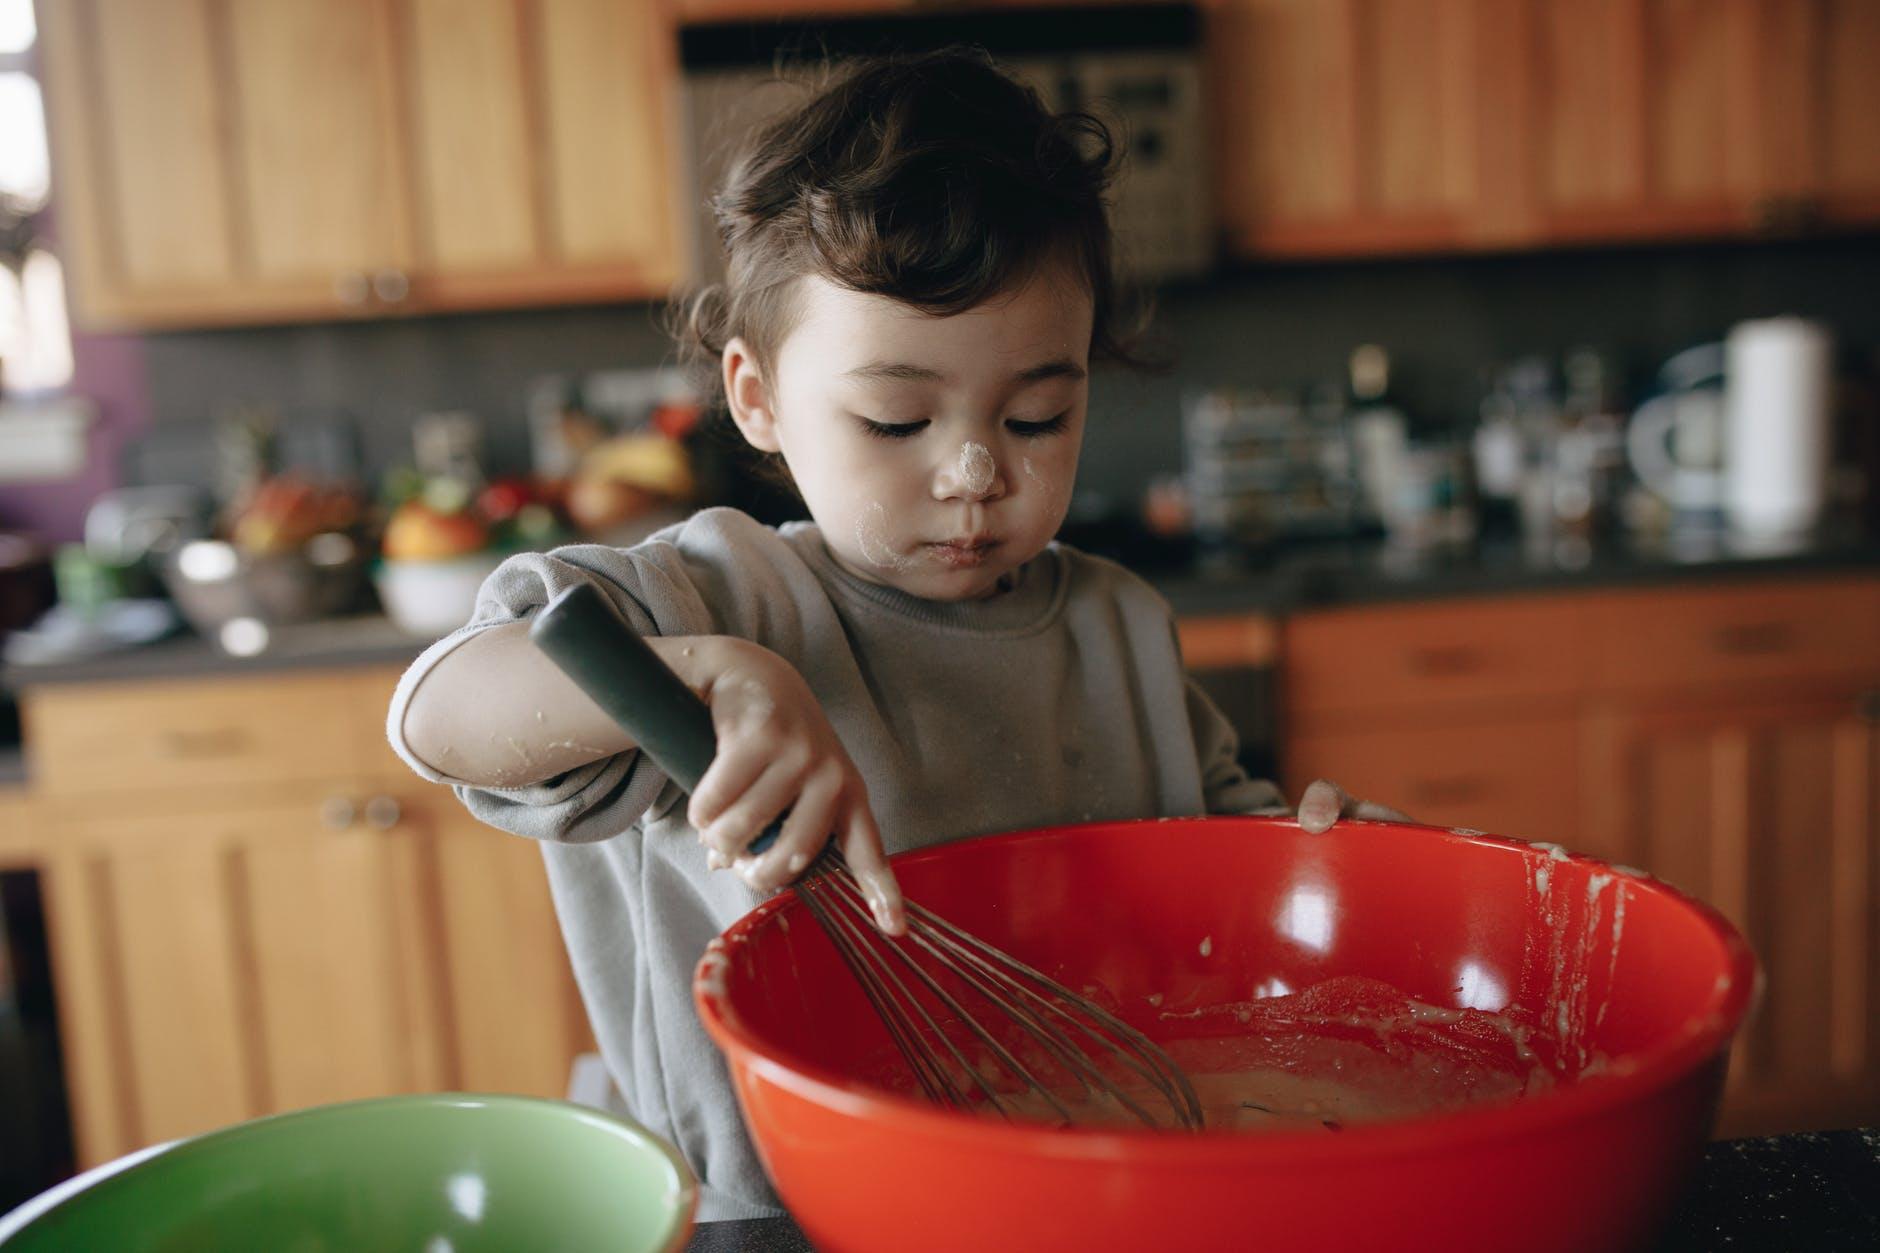 a little child baking in kitchen